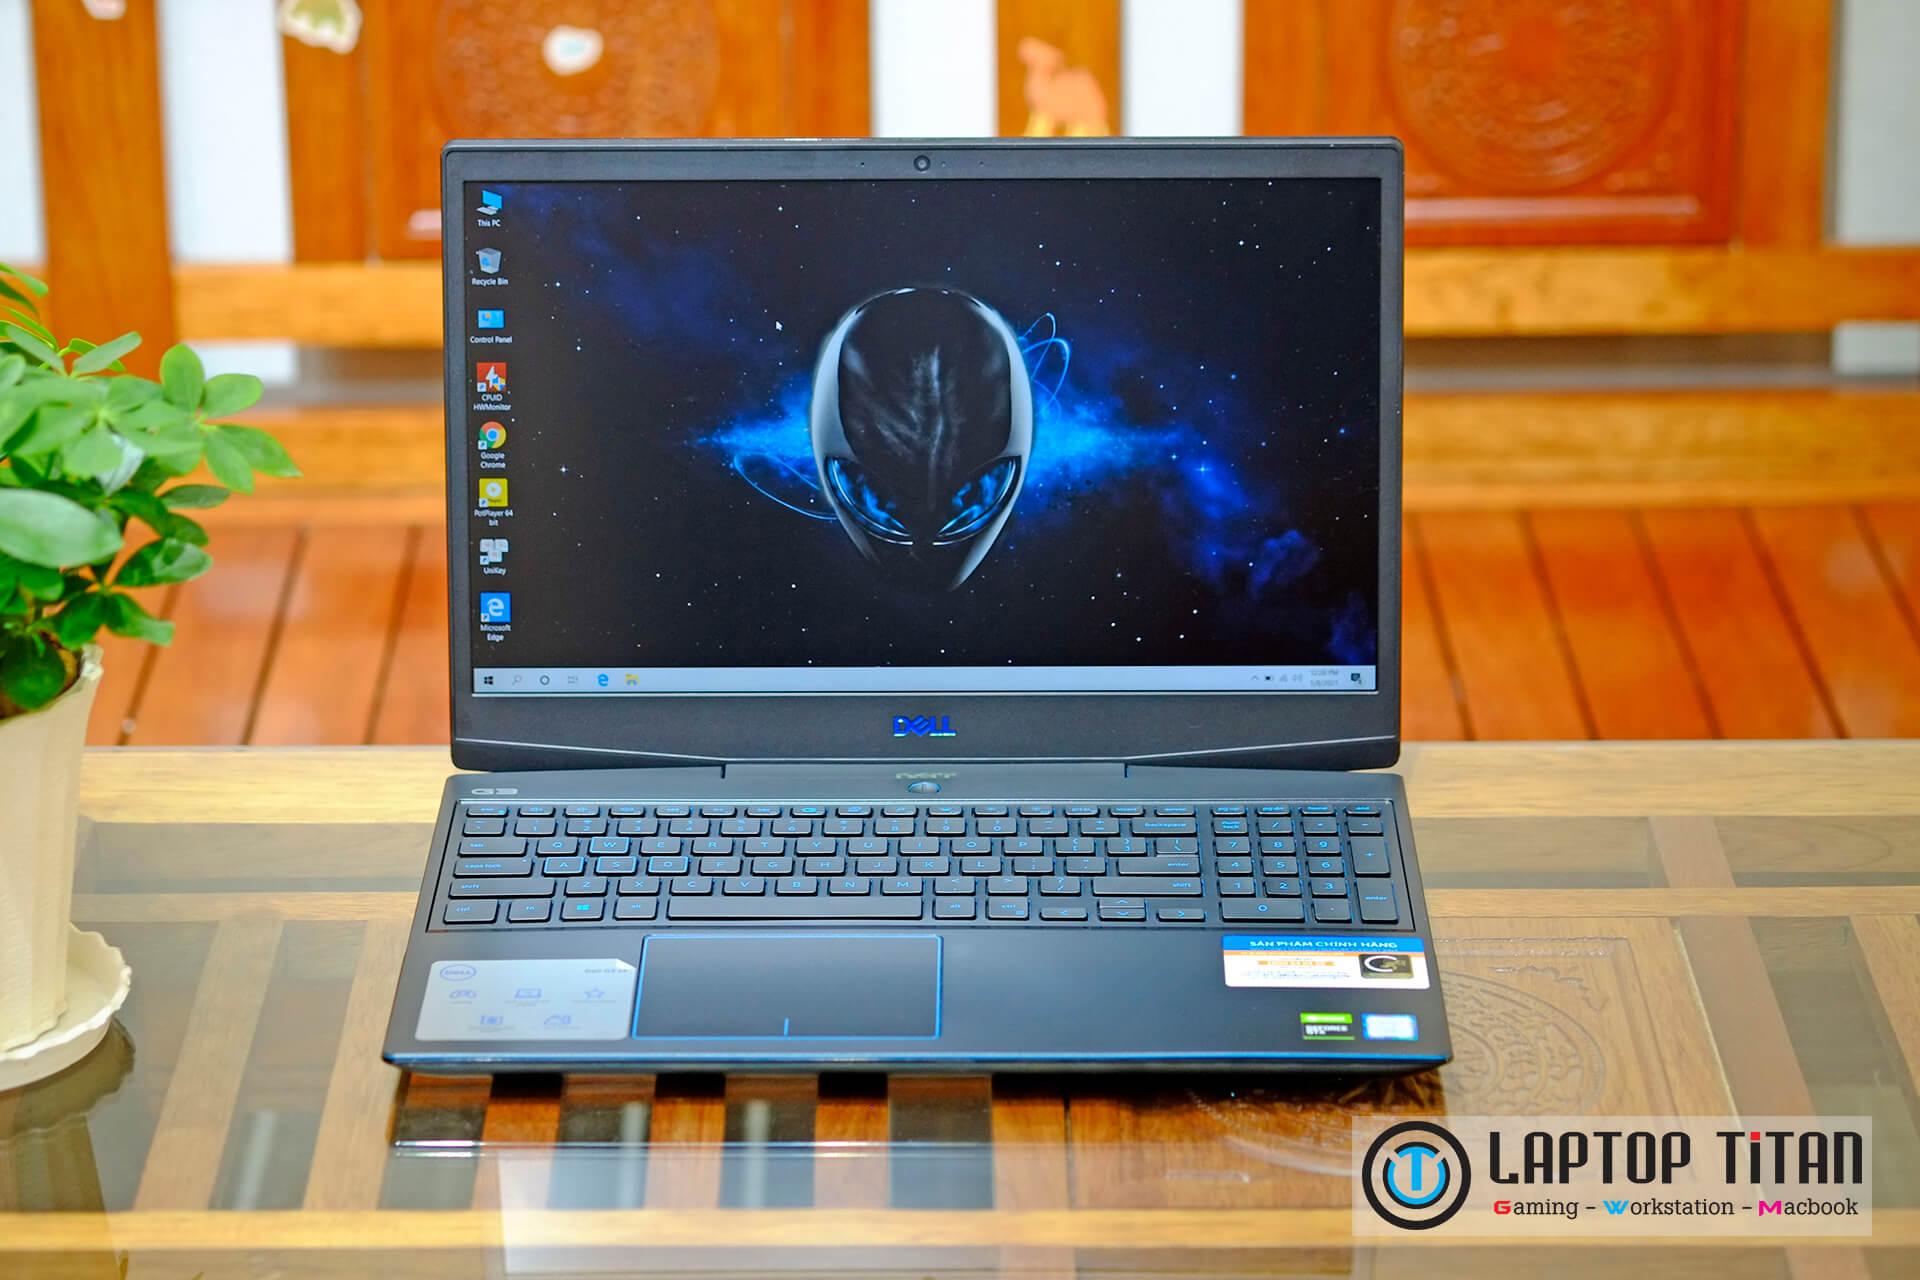 Dell G3 3590 Laptoptitan 01